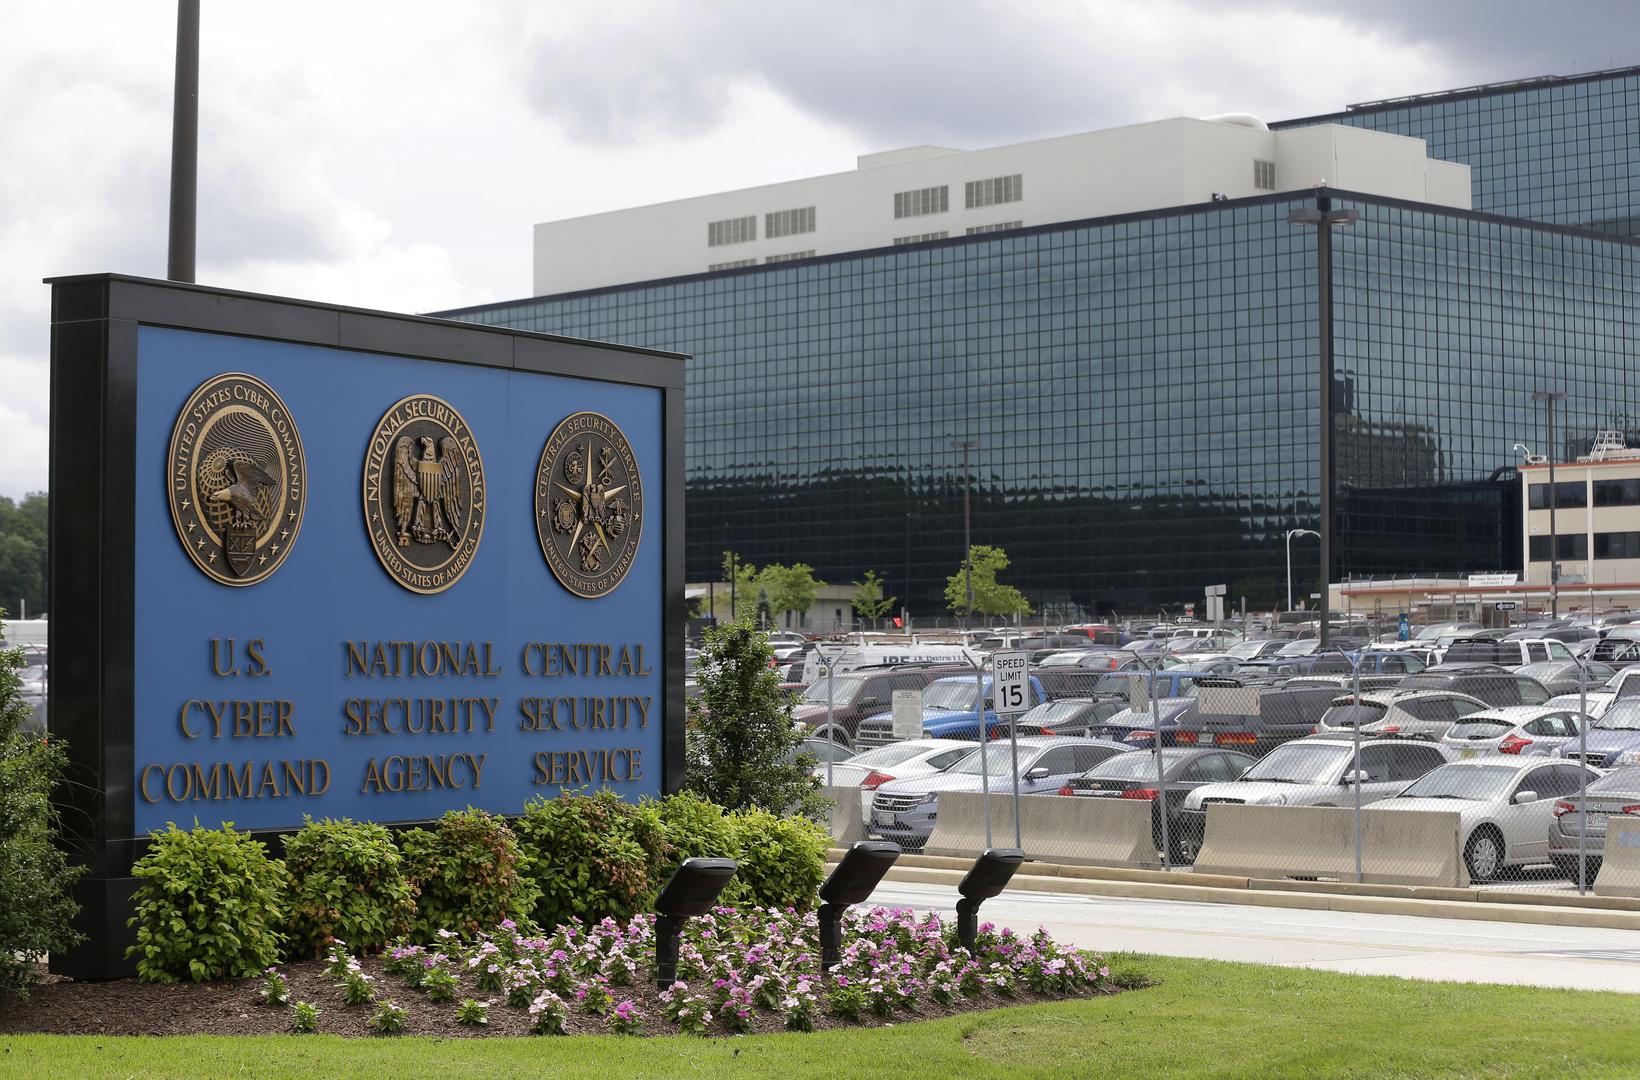 مسؤول أمريكي: لا صحة للأنباء عن إطلاق نار في قاعدة عسكرية شمال واشنطن